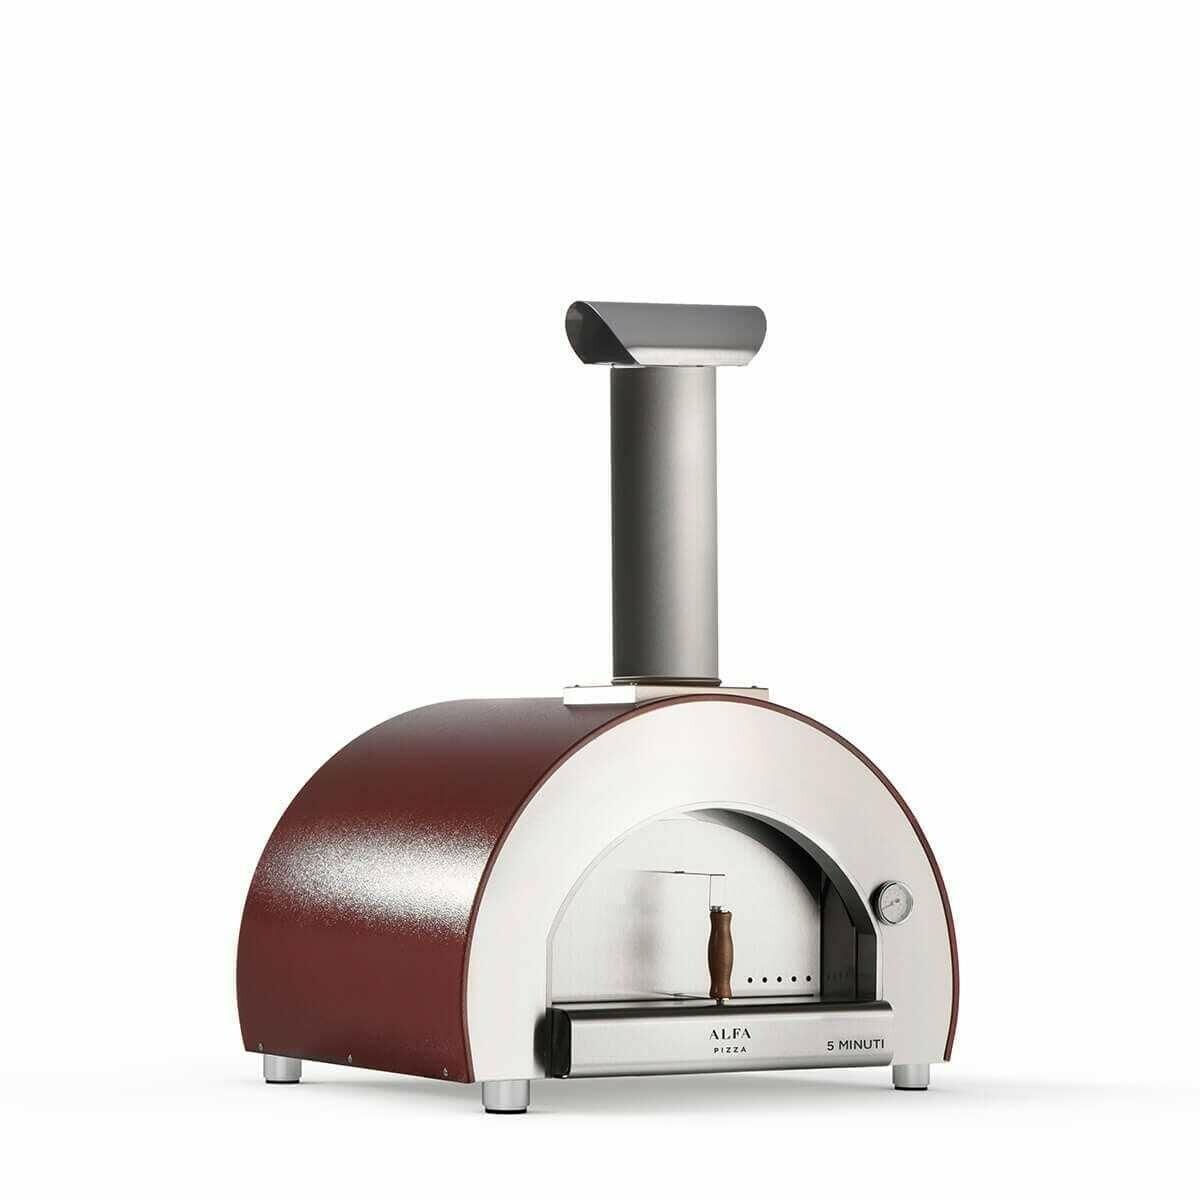 Alfa 5 Minuti Wood Fired Oven   No Base